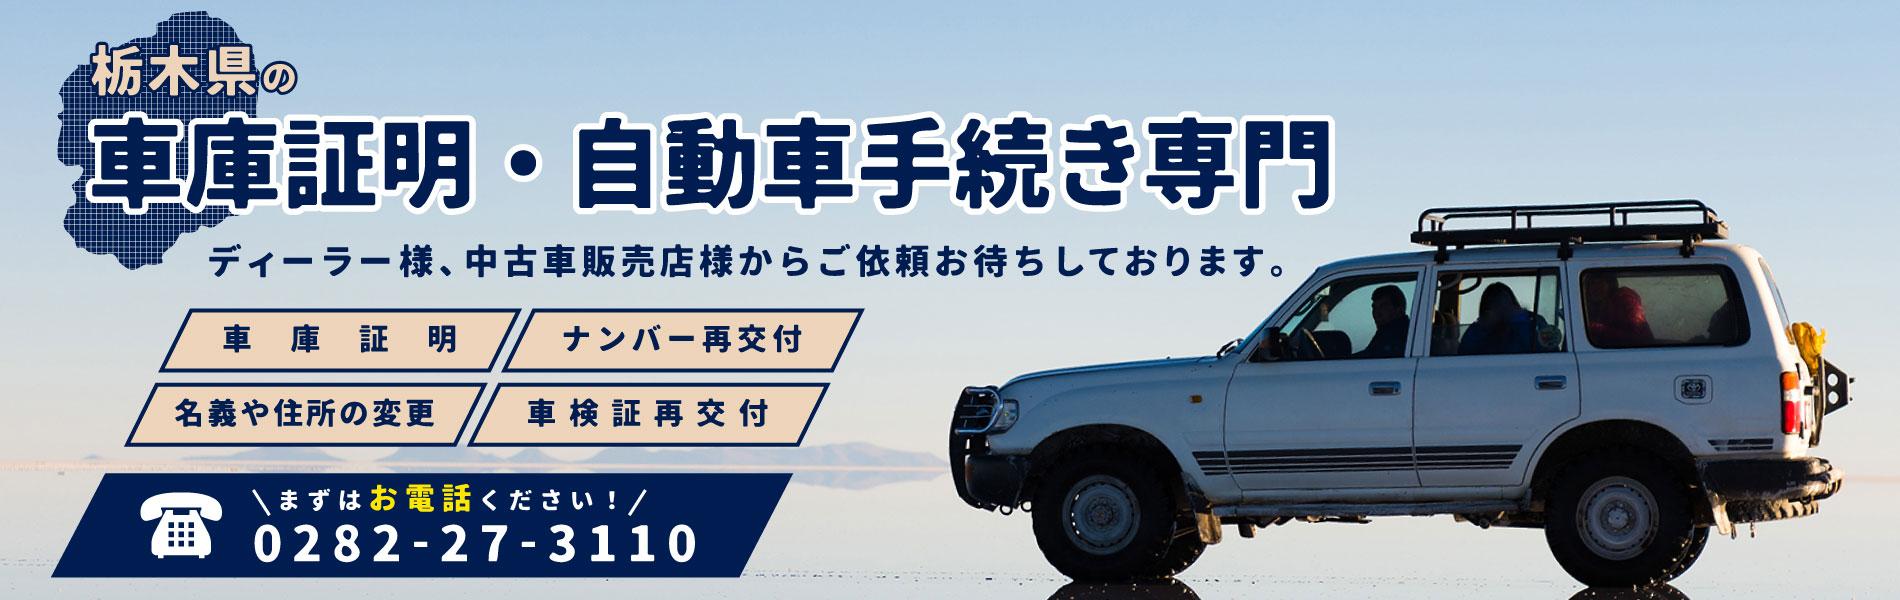 栃木県の車庫証明・自動車手続き専門